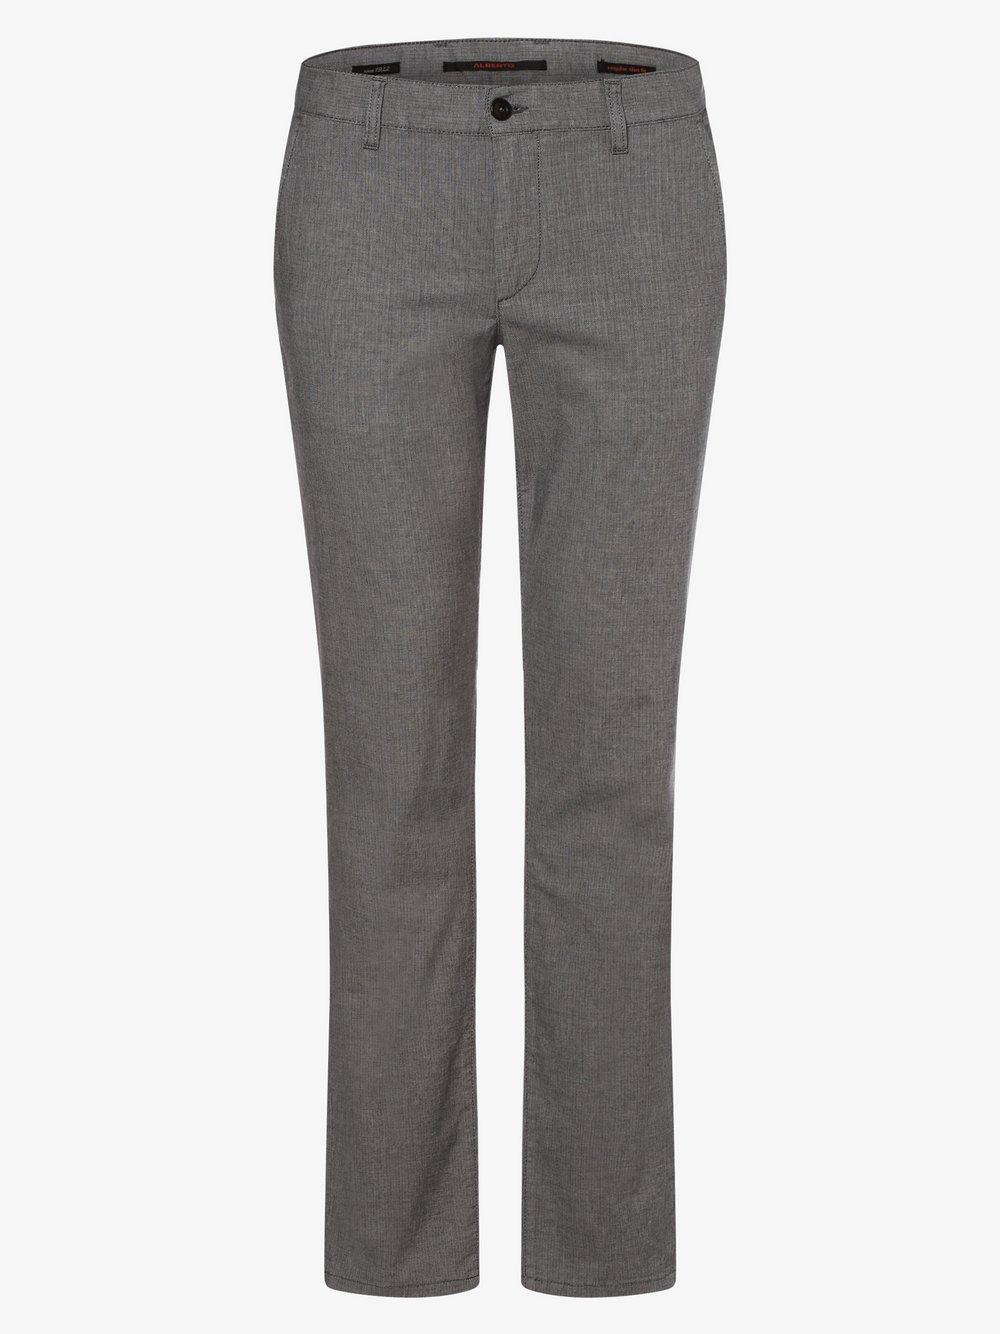 Alberto – Spodnie męskie – Lou-J, szary Van Graaf 463331-0001-03532